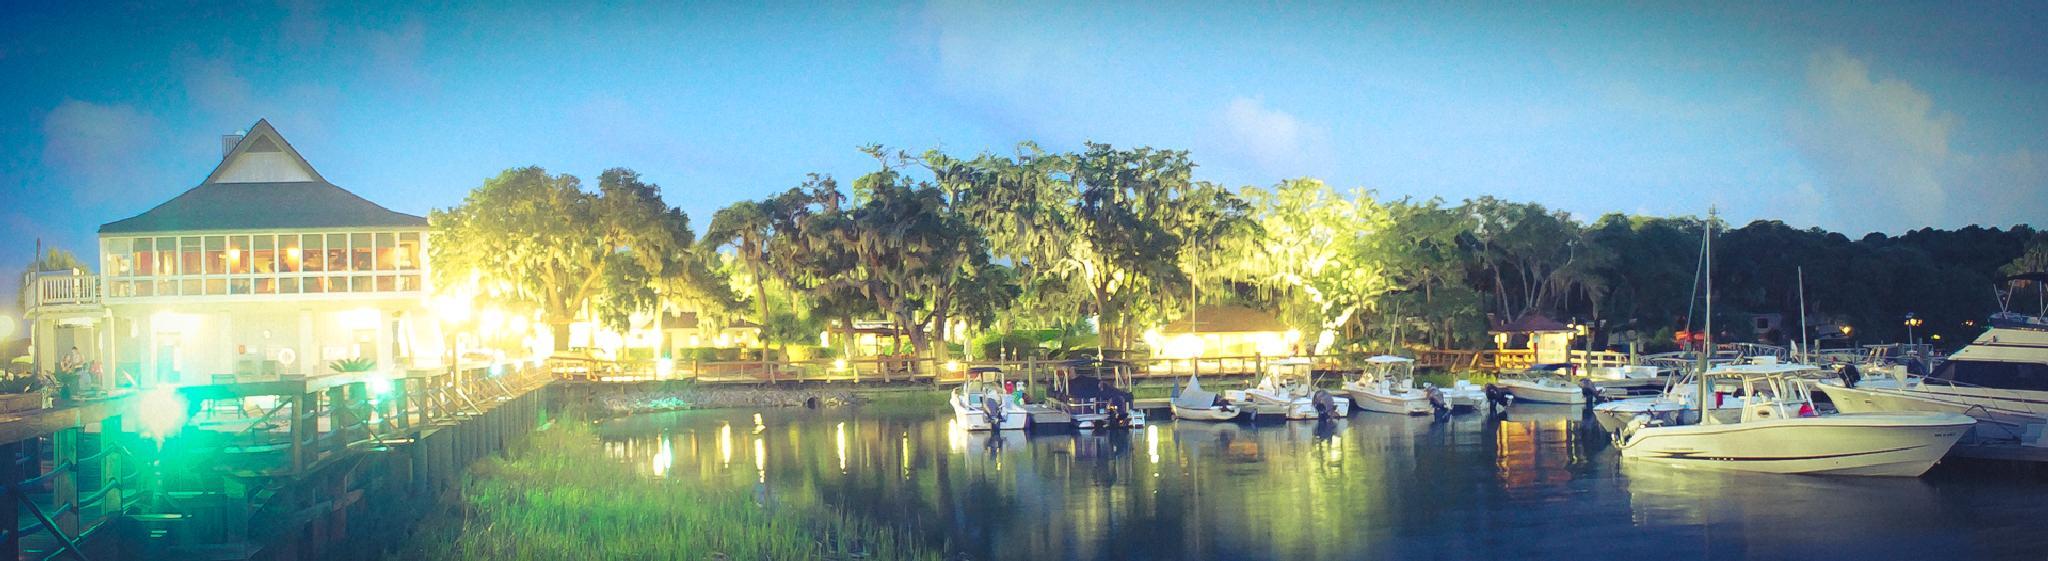 Hilton Head Harbor RV Resort and Marina by FlyGuy